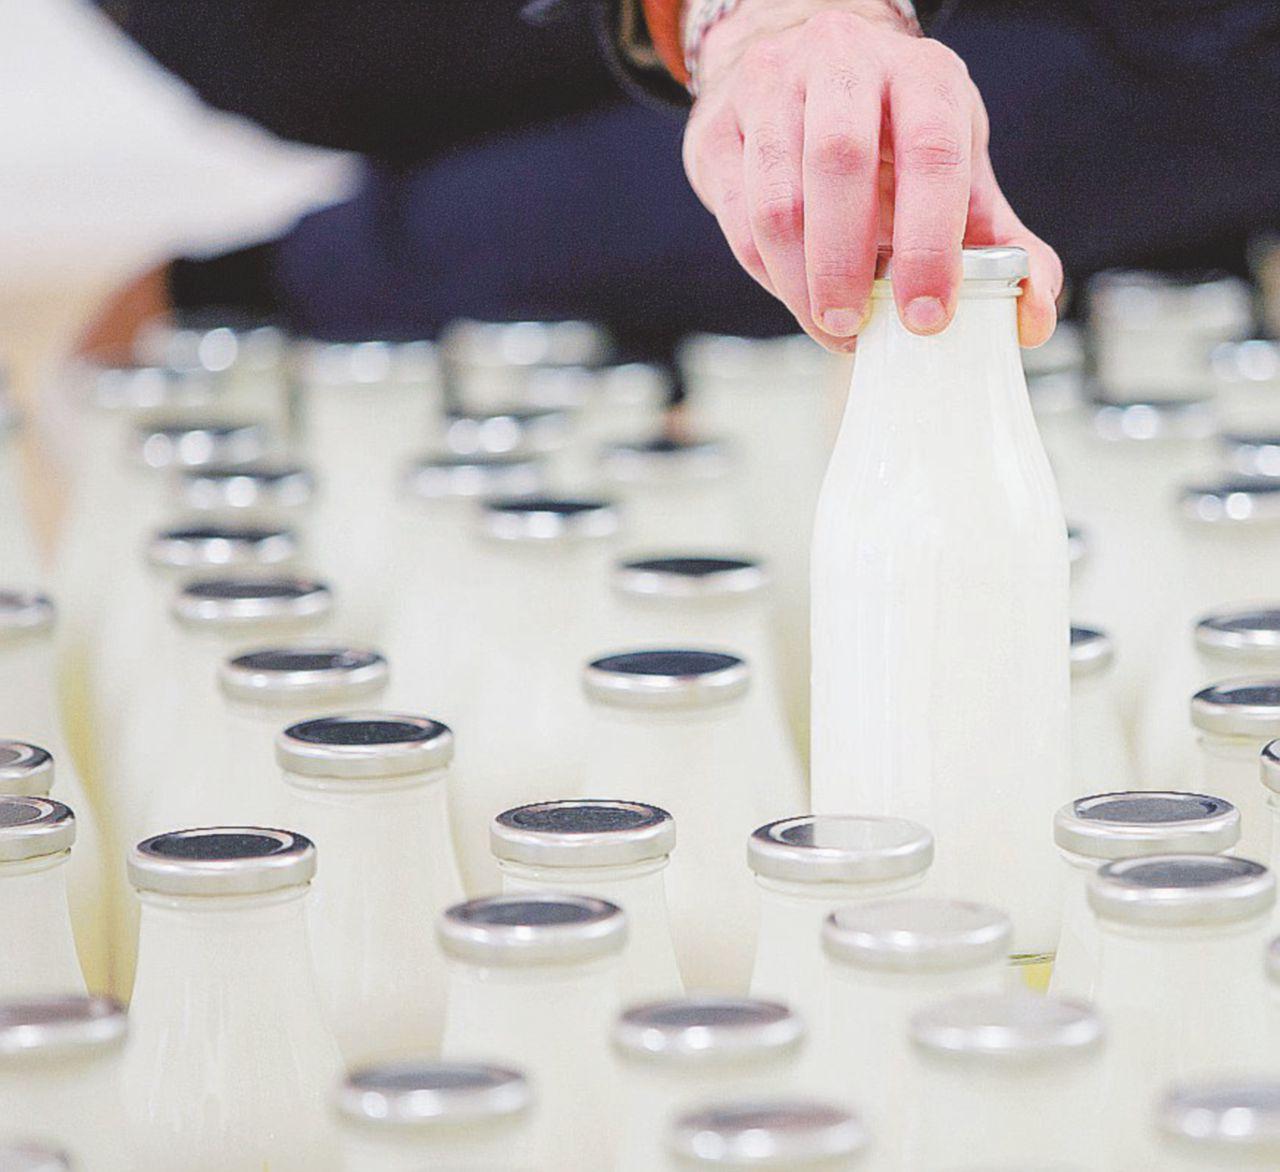 Supermucche ed etichette col rebus: il latte oscuro